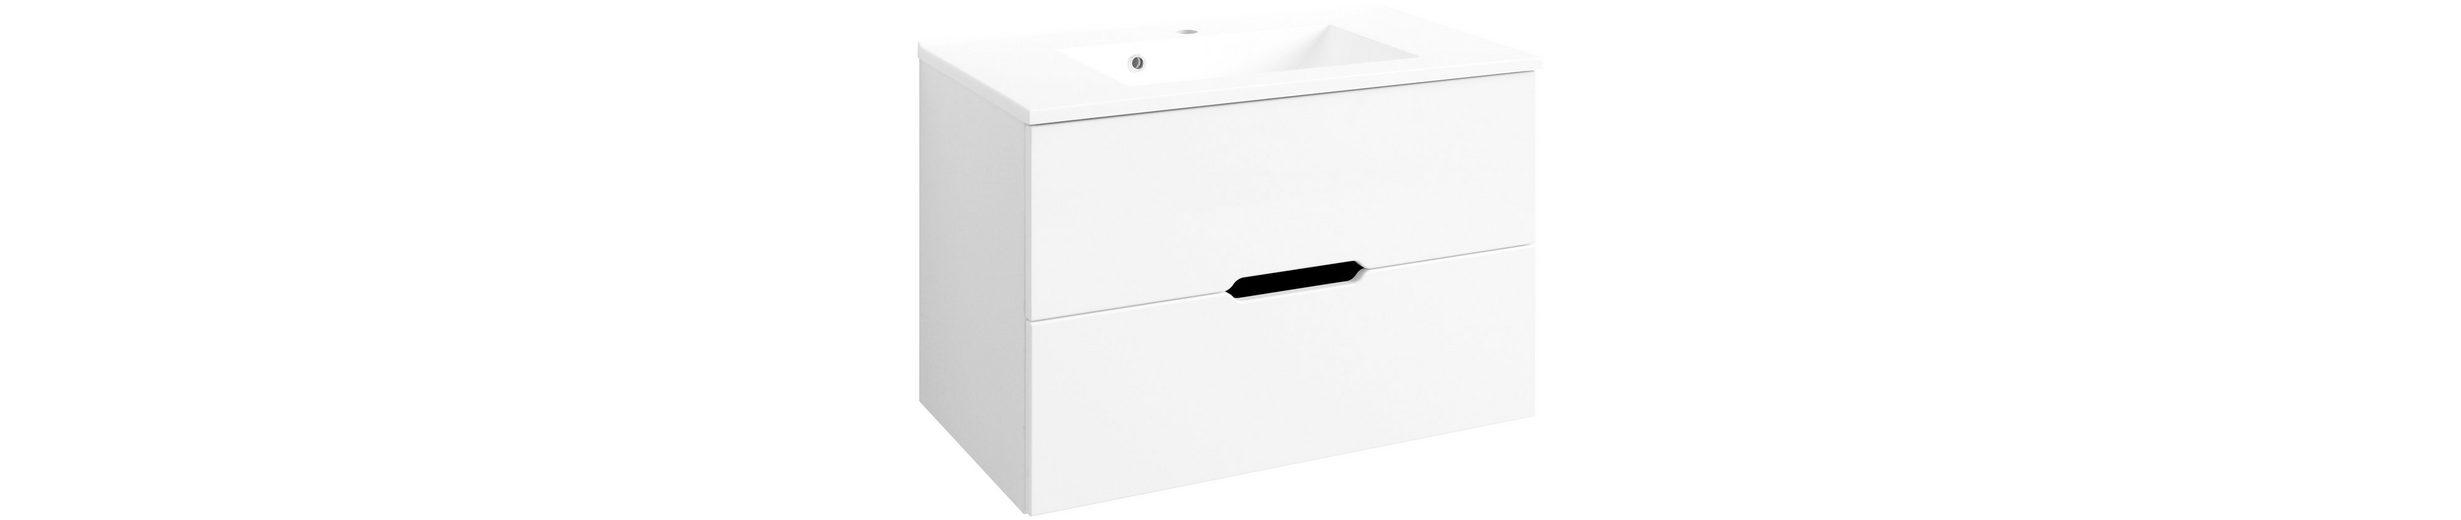 Waschtisch »Belluno«, Breite 80 cm